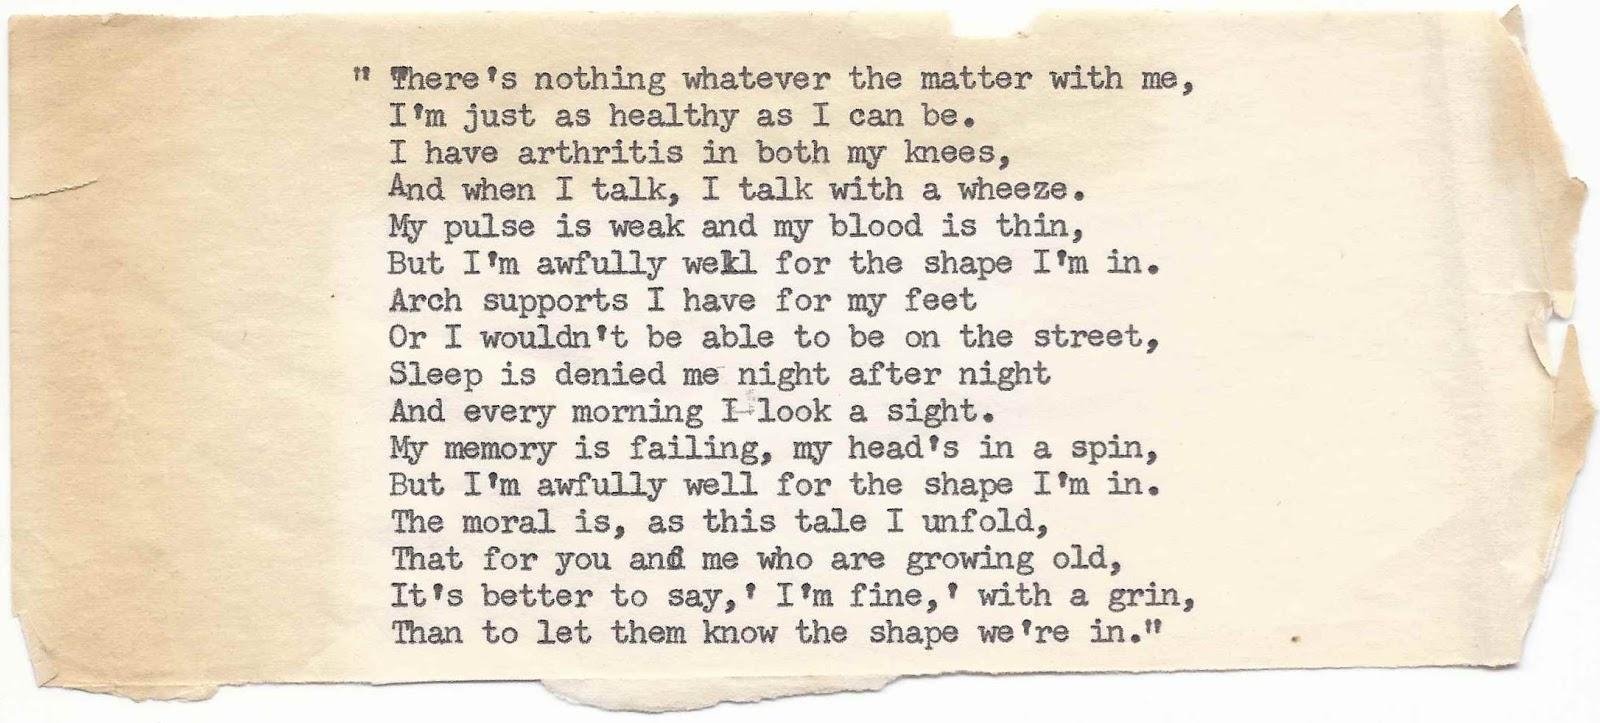 mementos 1 poem